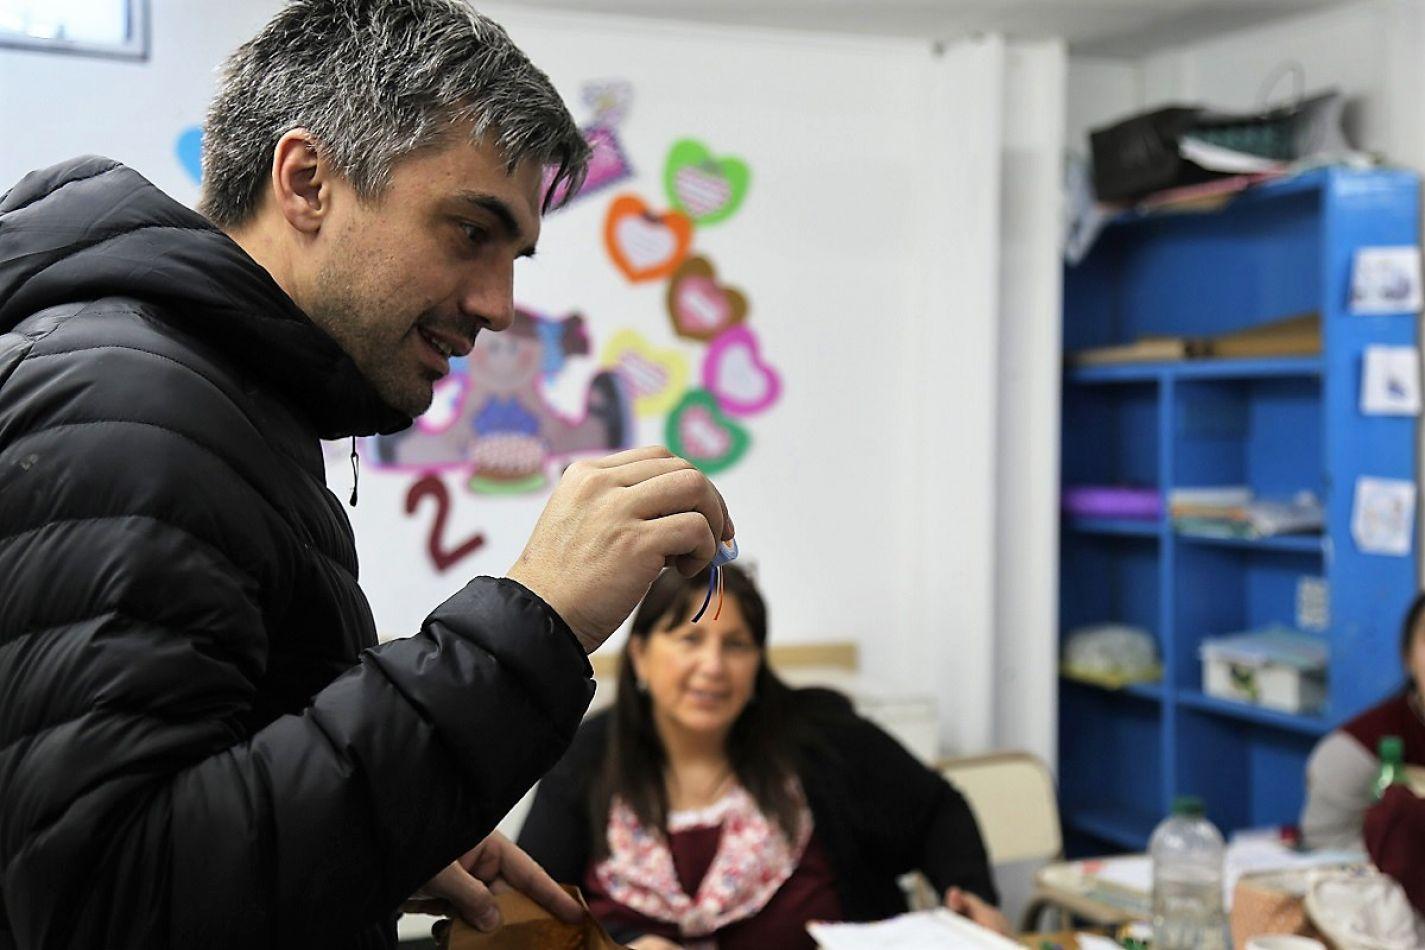 El Edil visitó varios colegios y dejó escarapelas realizadas de manera artesanal.